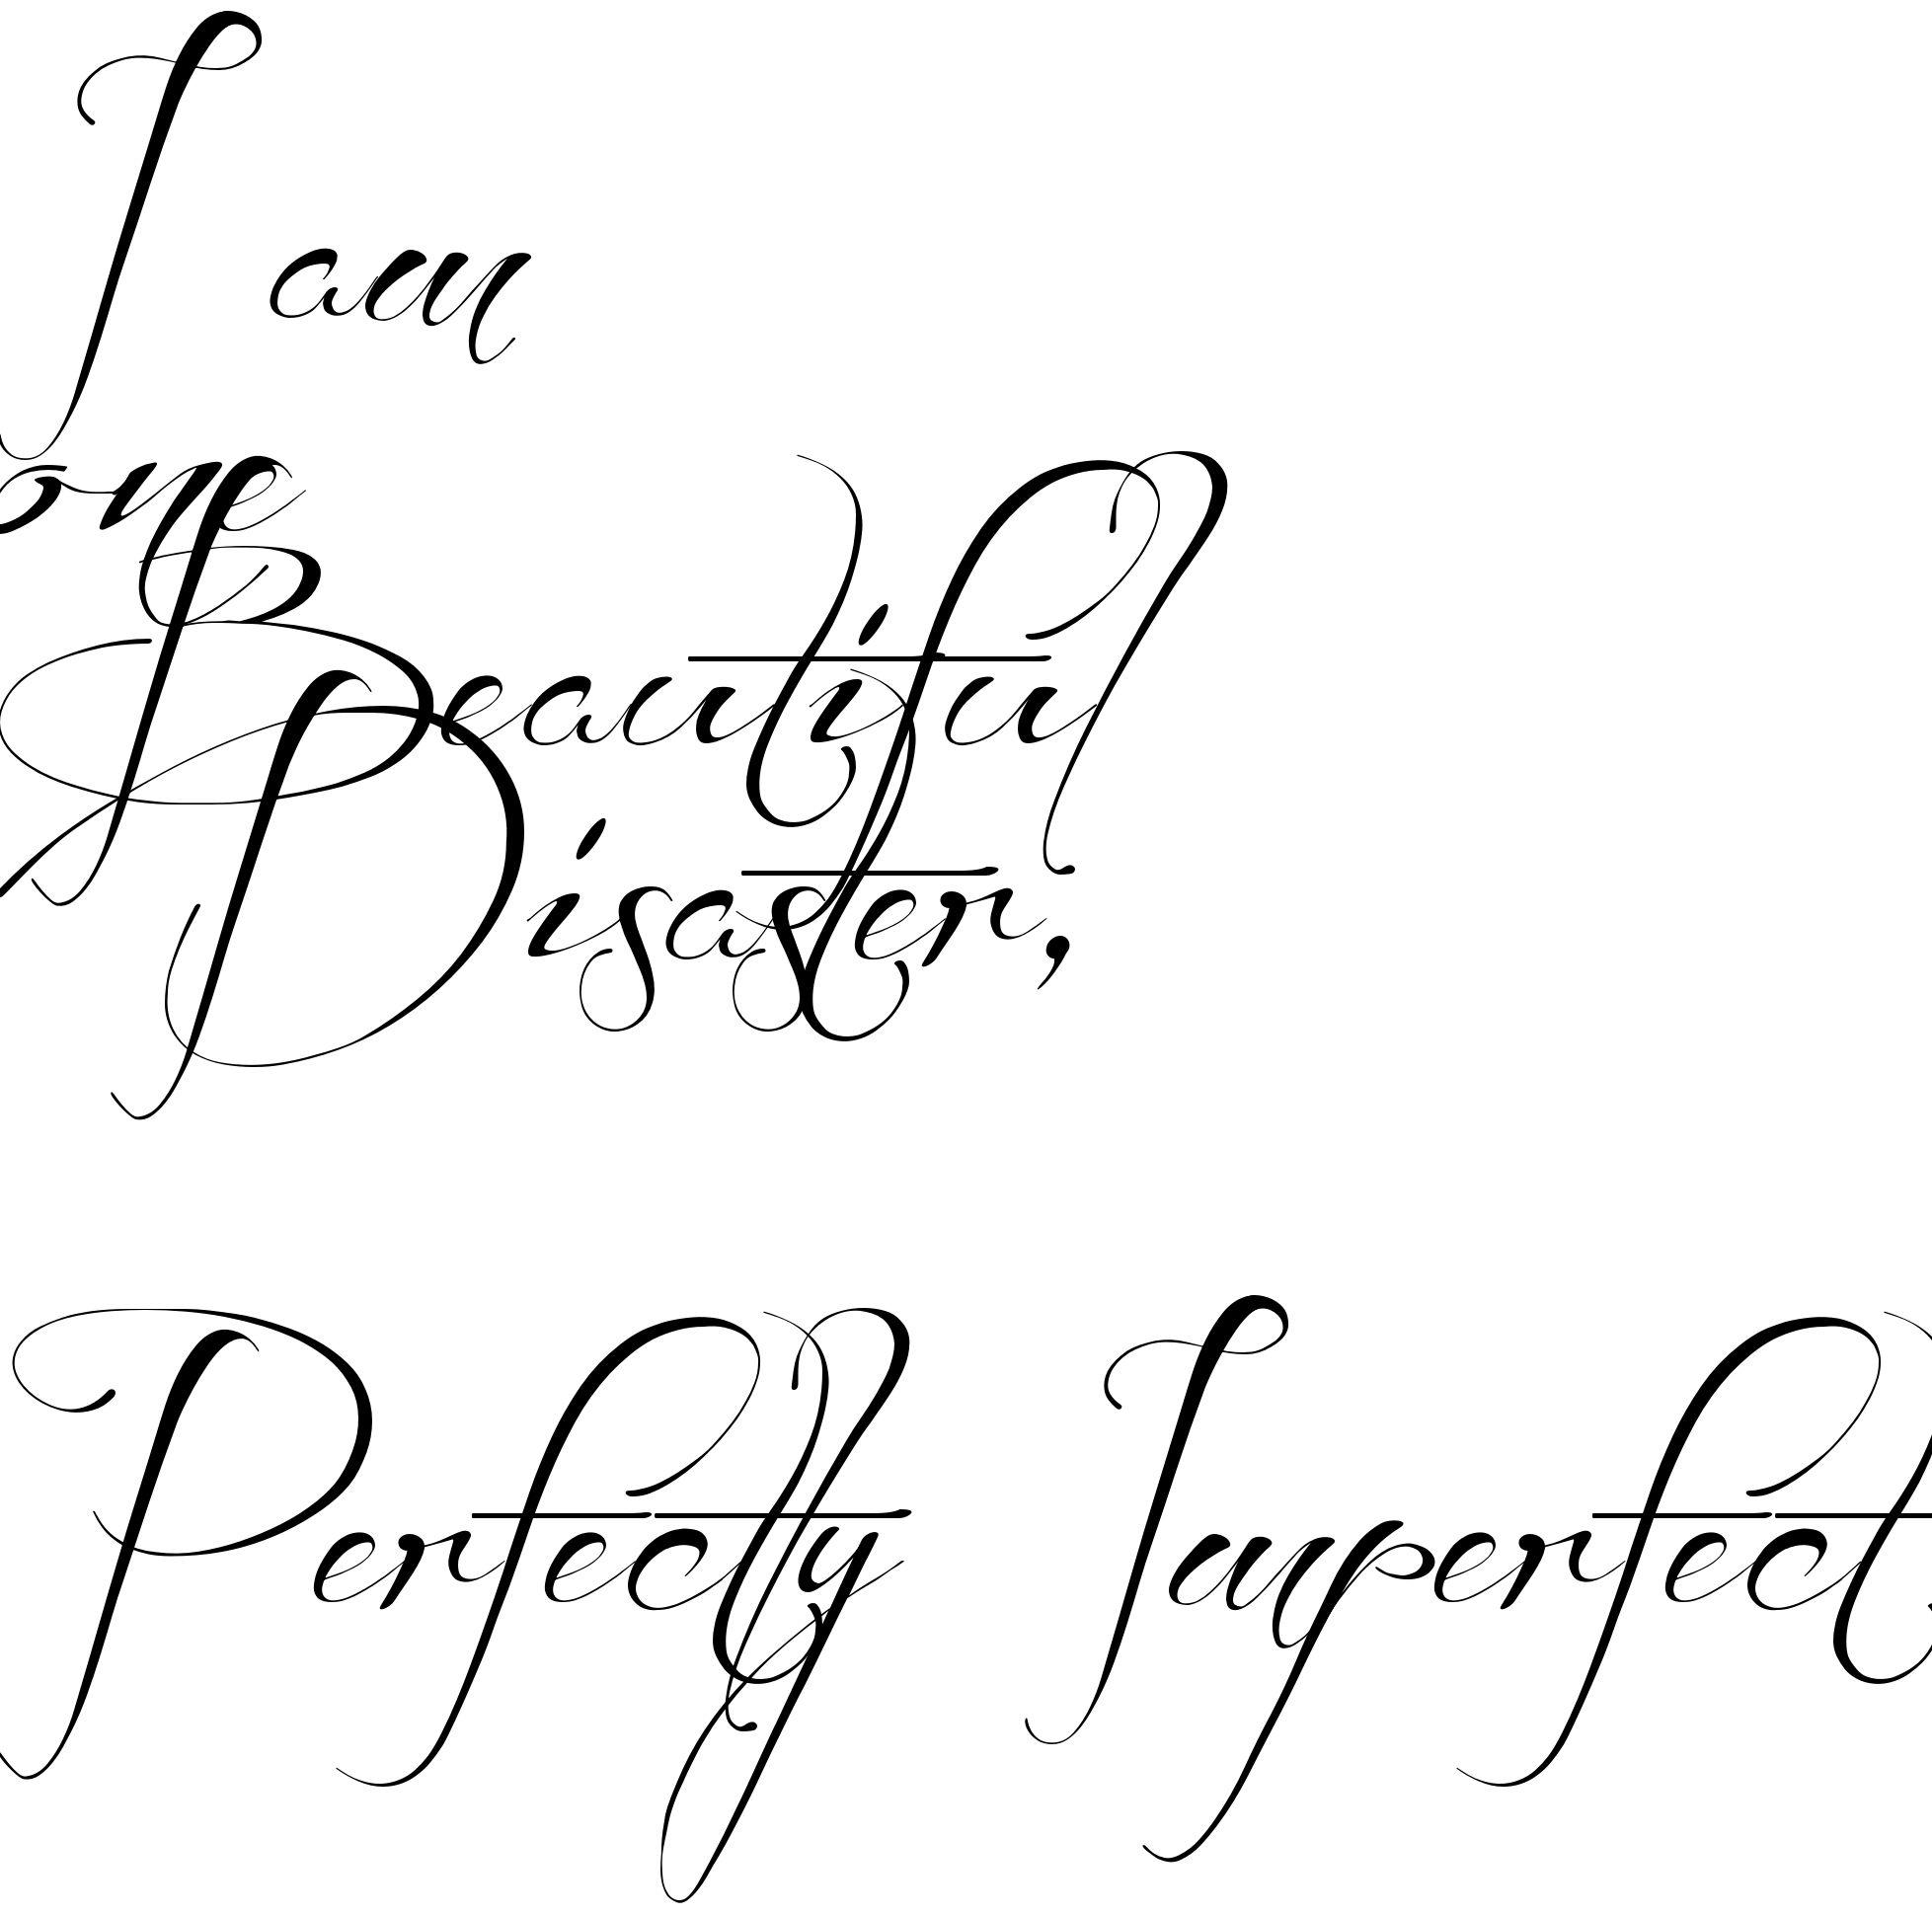 Tattoo Fonts Generator Online Tattoo Lettering Fonts Tattoo Script Tattoo Lettering Styles